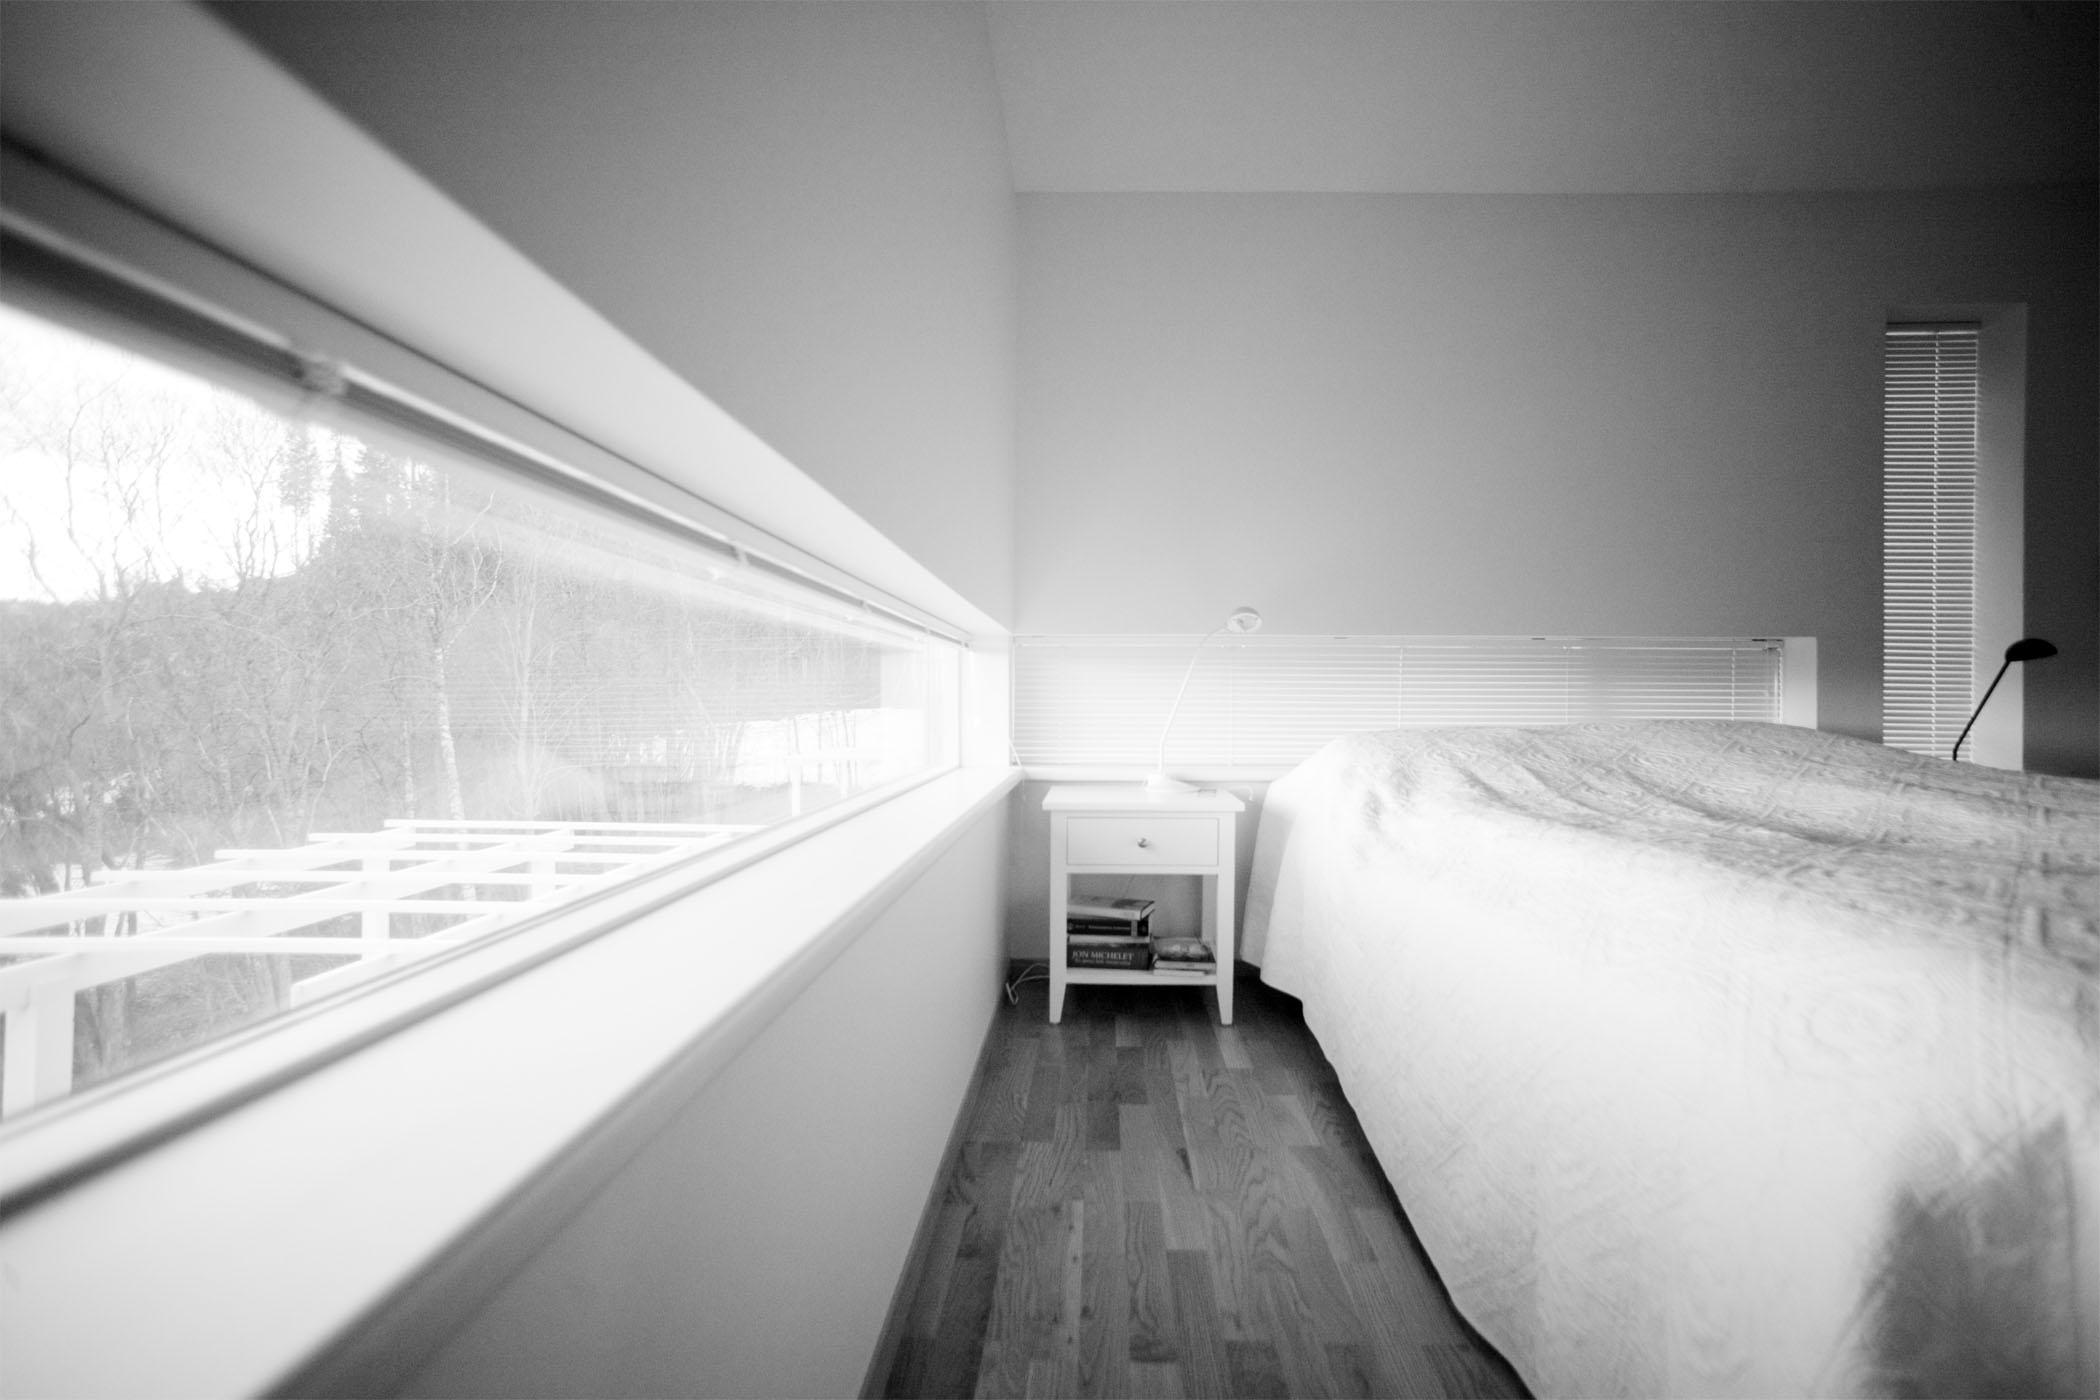 arkitektur_trondheim_interiør_interior_havstad_havstadveien_bygning_enebolig_villa_funkishus_funkisbolig_penthouse_soverom_utsikt